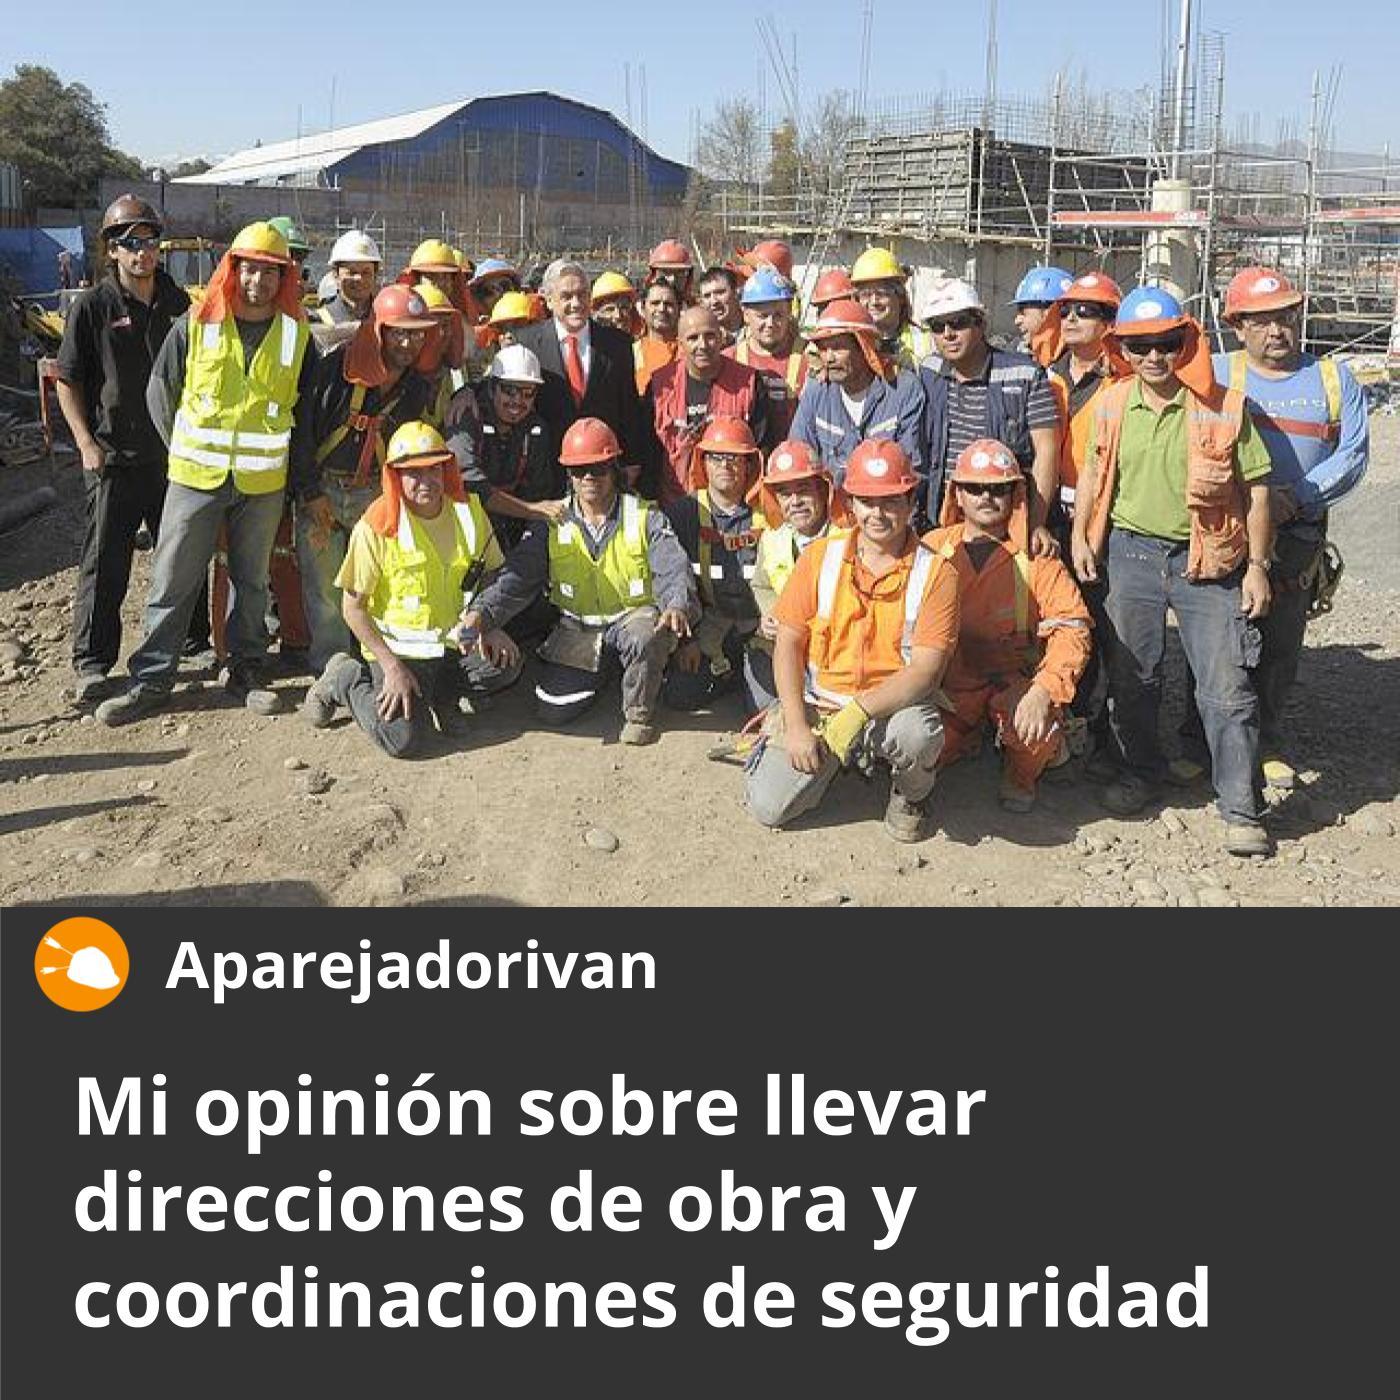 mi opinion sobre llevar direcciones de obra y coordinaciones de seguridad